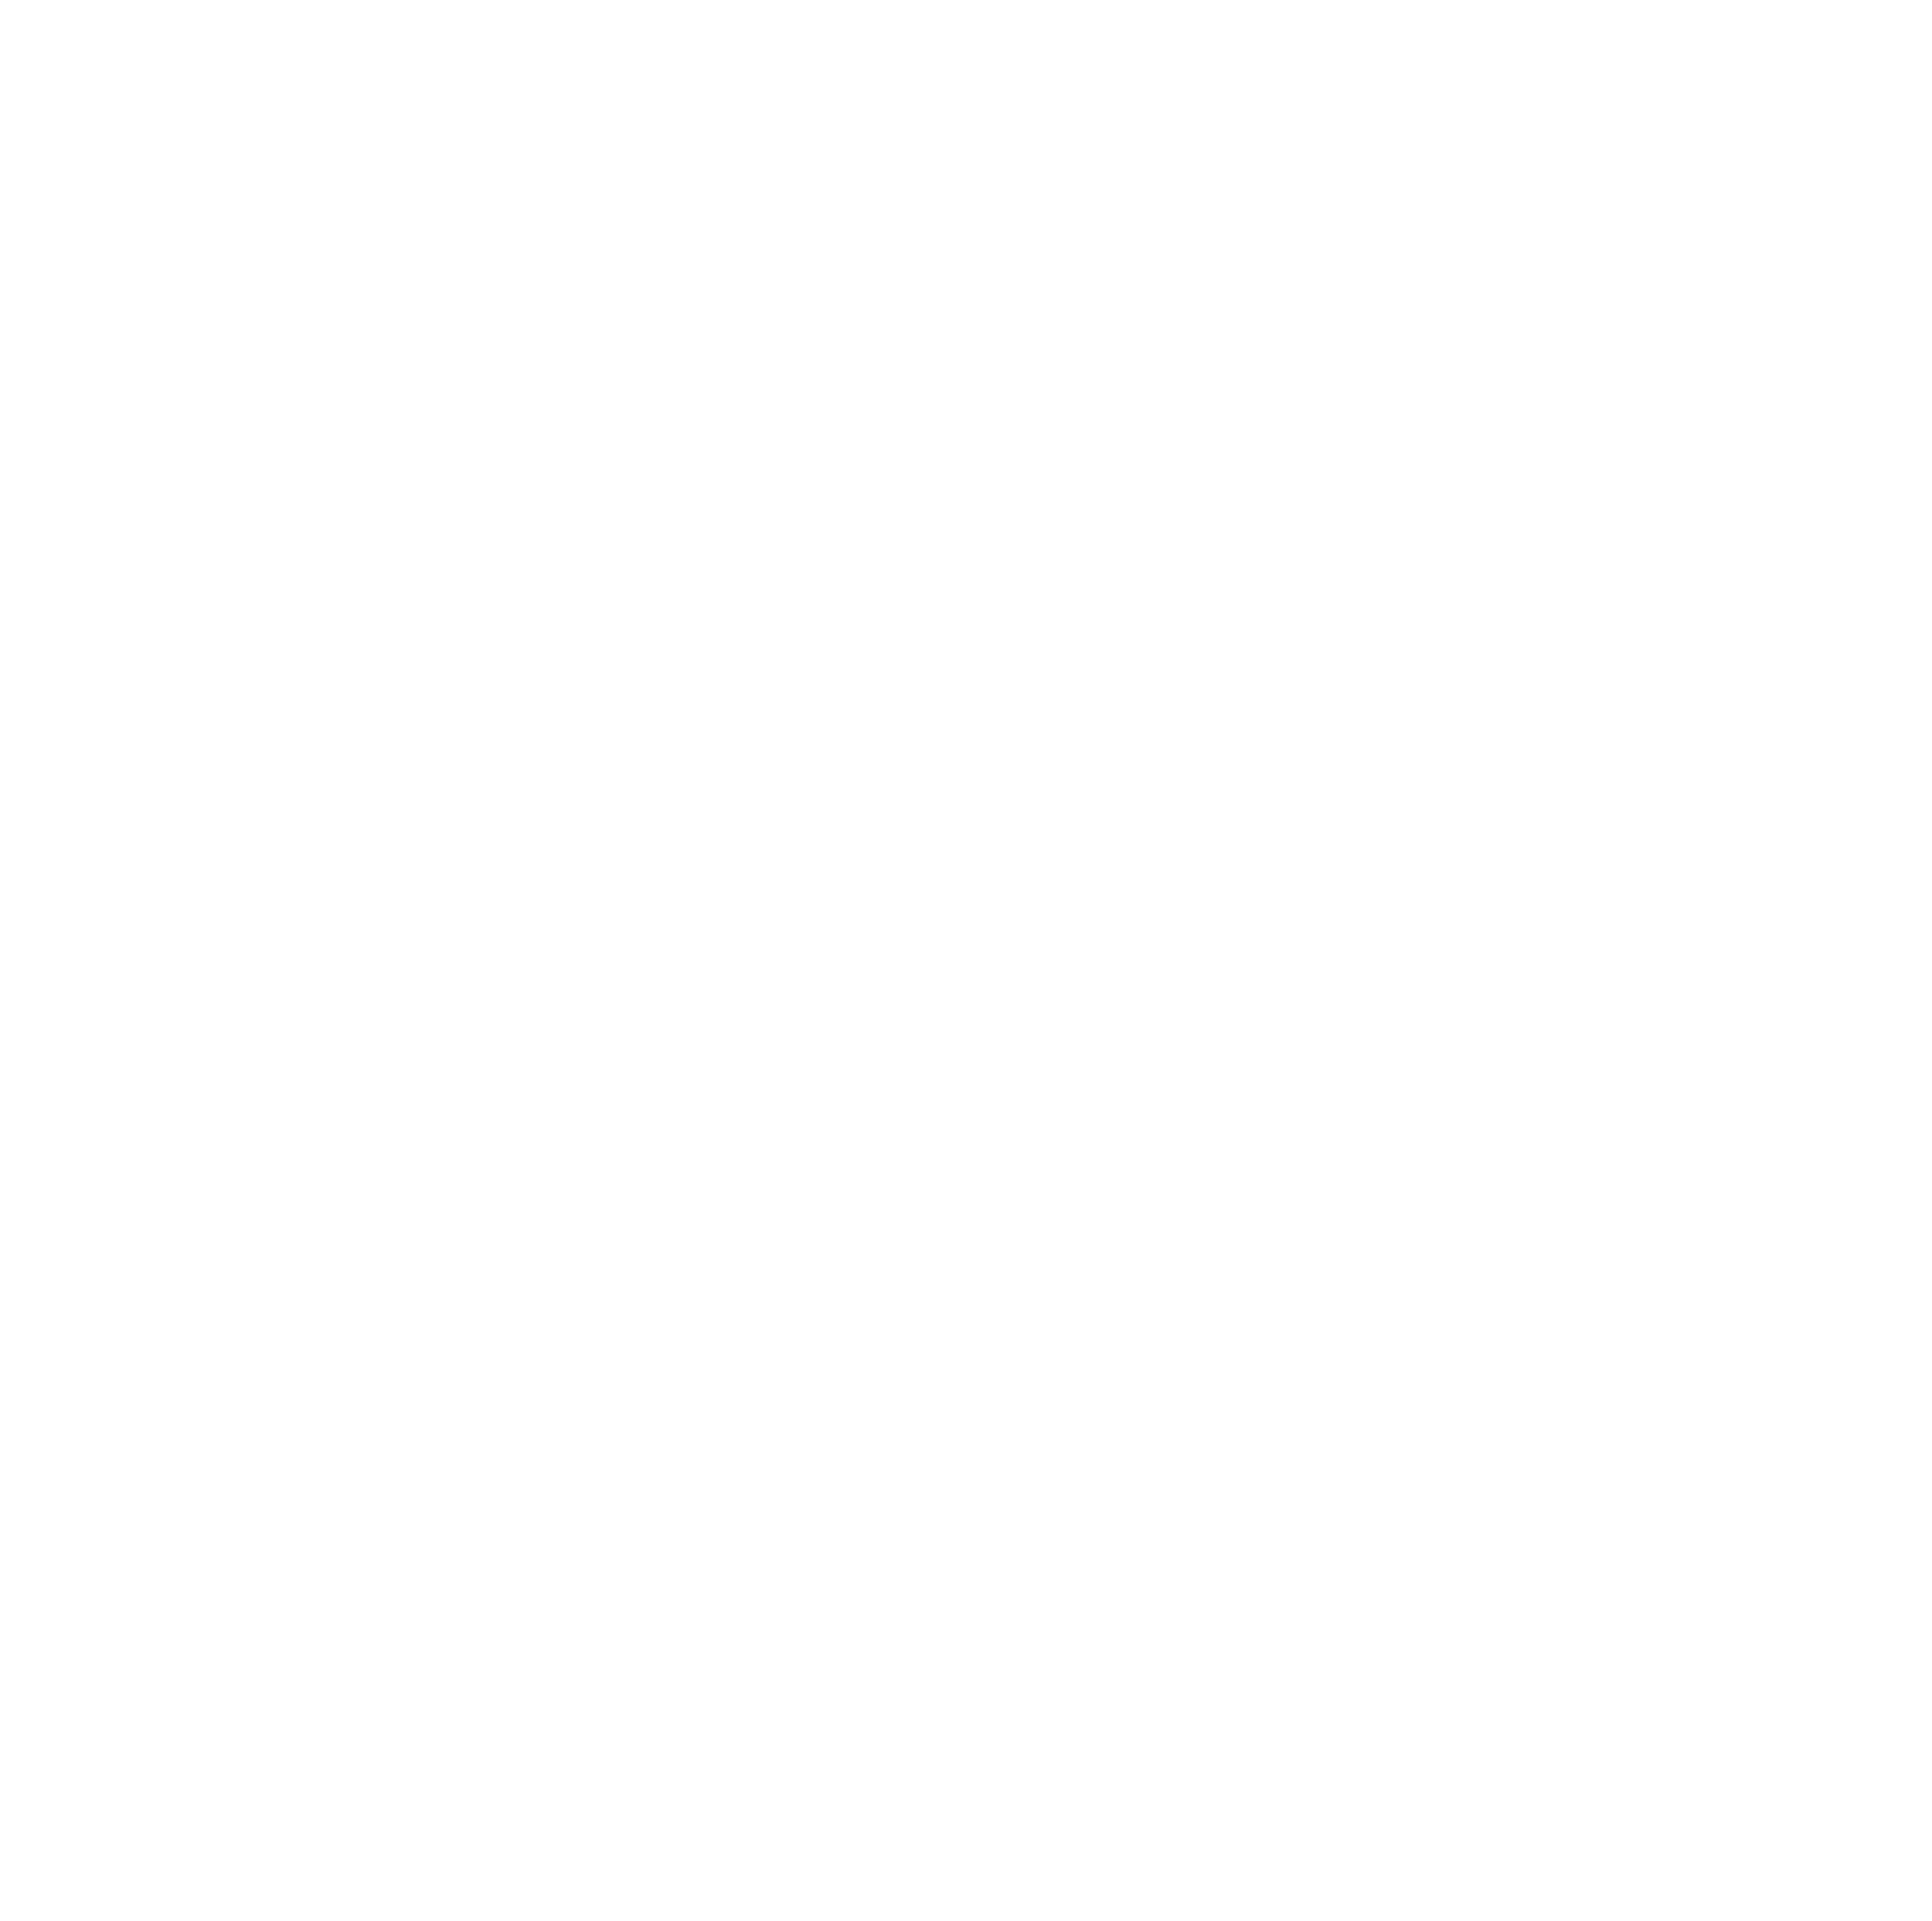 NRIA - Partner Logos-17 white.png